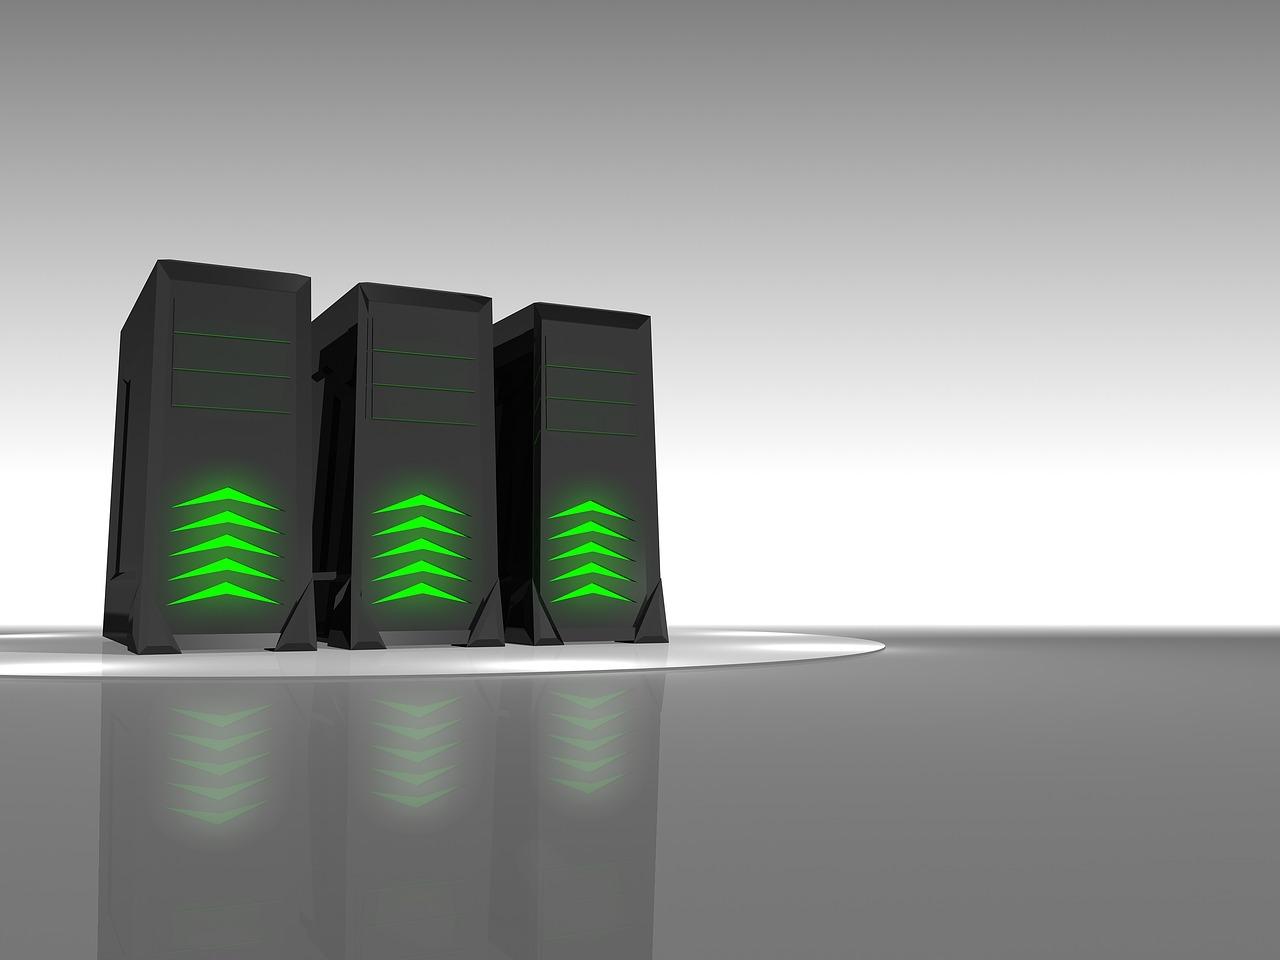 Treiberdatenbank: die richtigen Gerätetreiber finden und downloaden